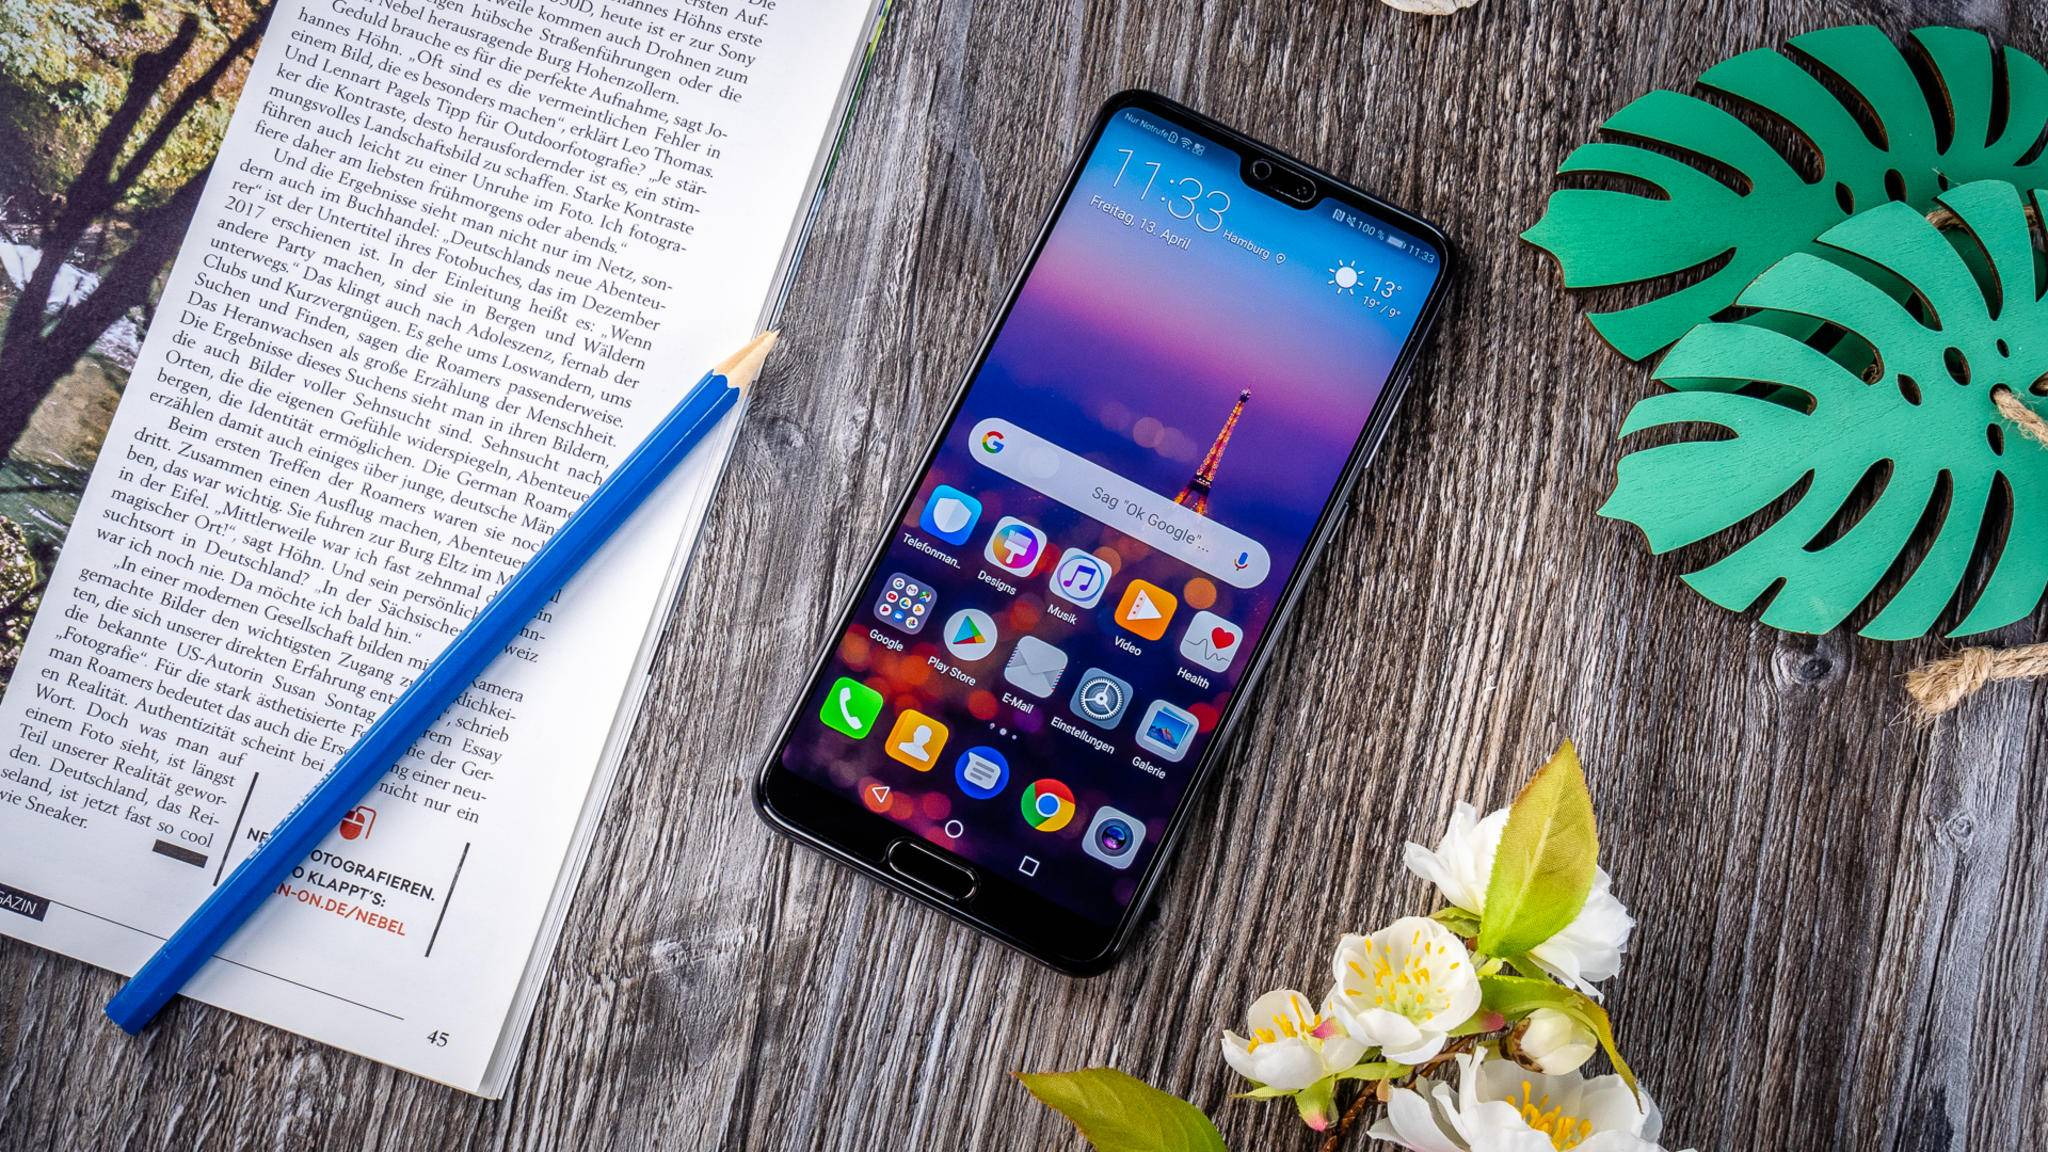 Würde Huawei die Android-Lizenz verlieren, stünde wohl eine Alternative parat.